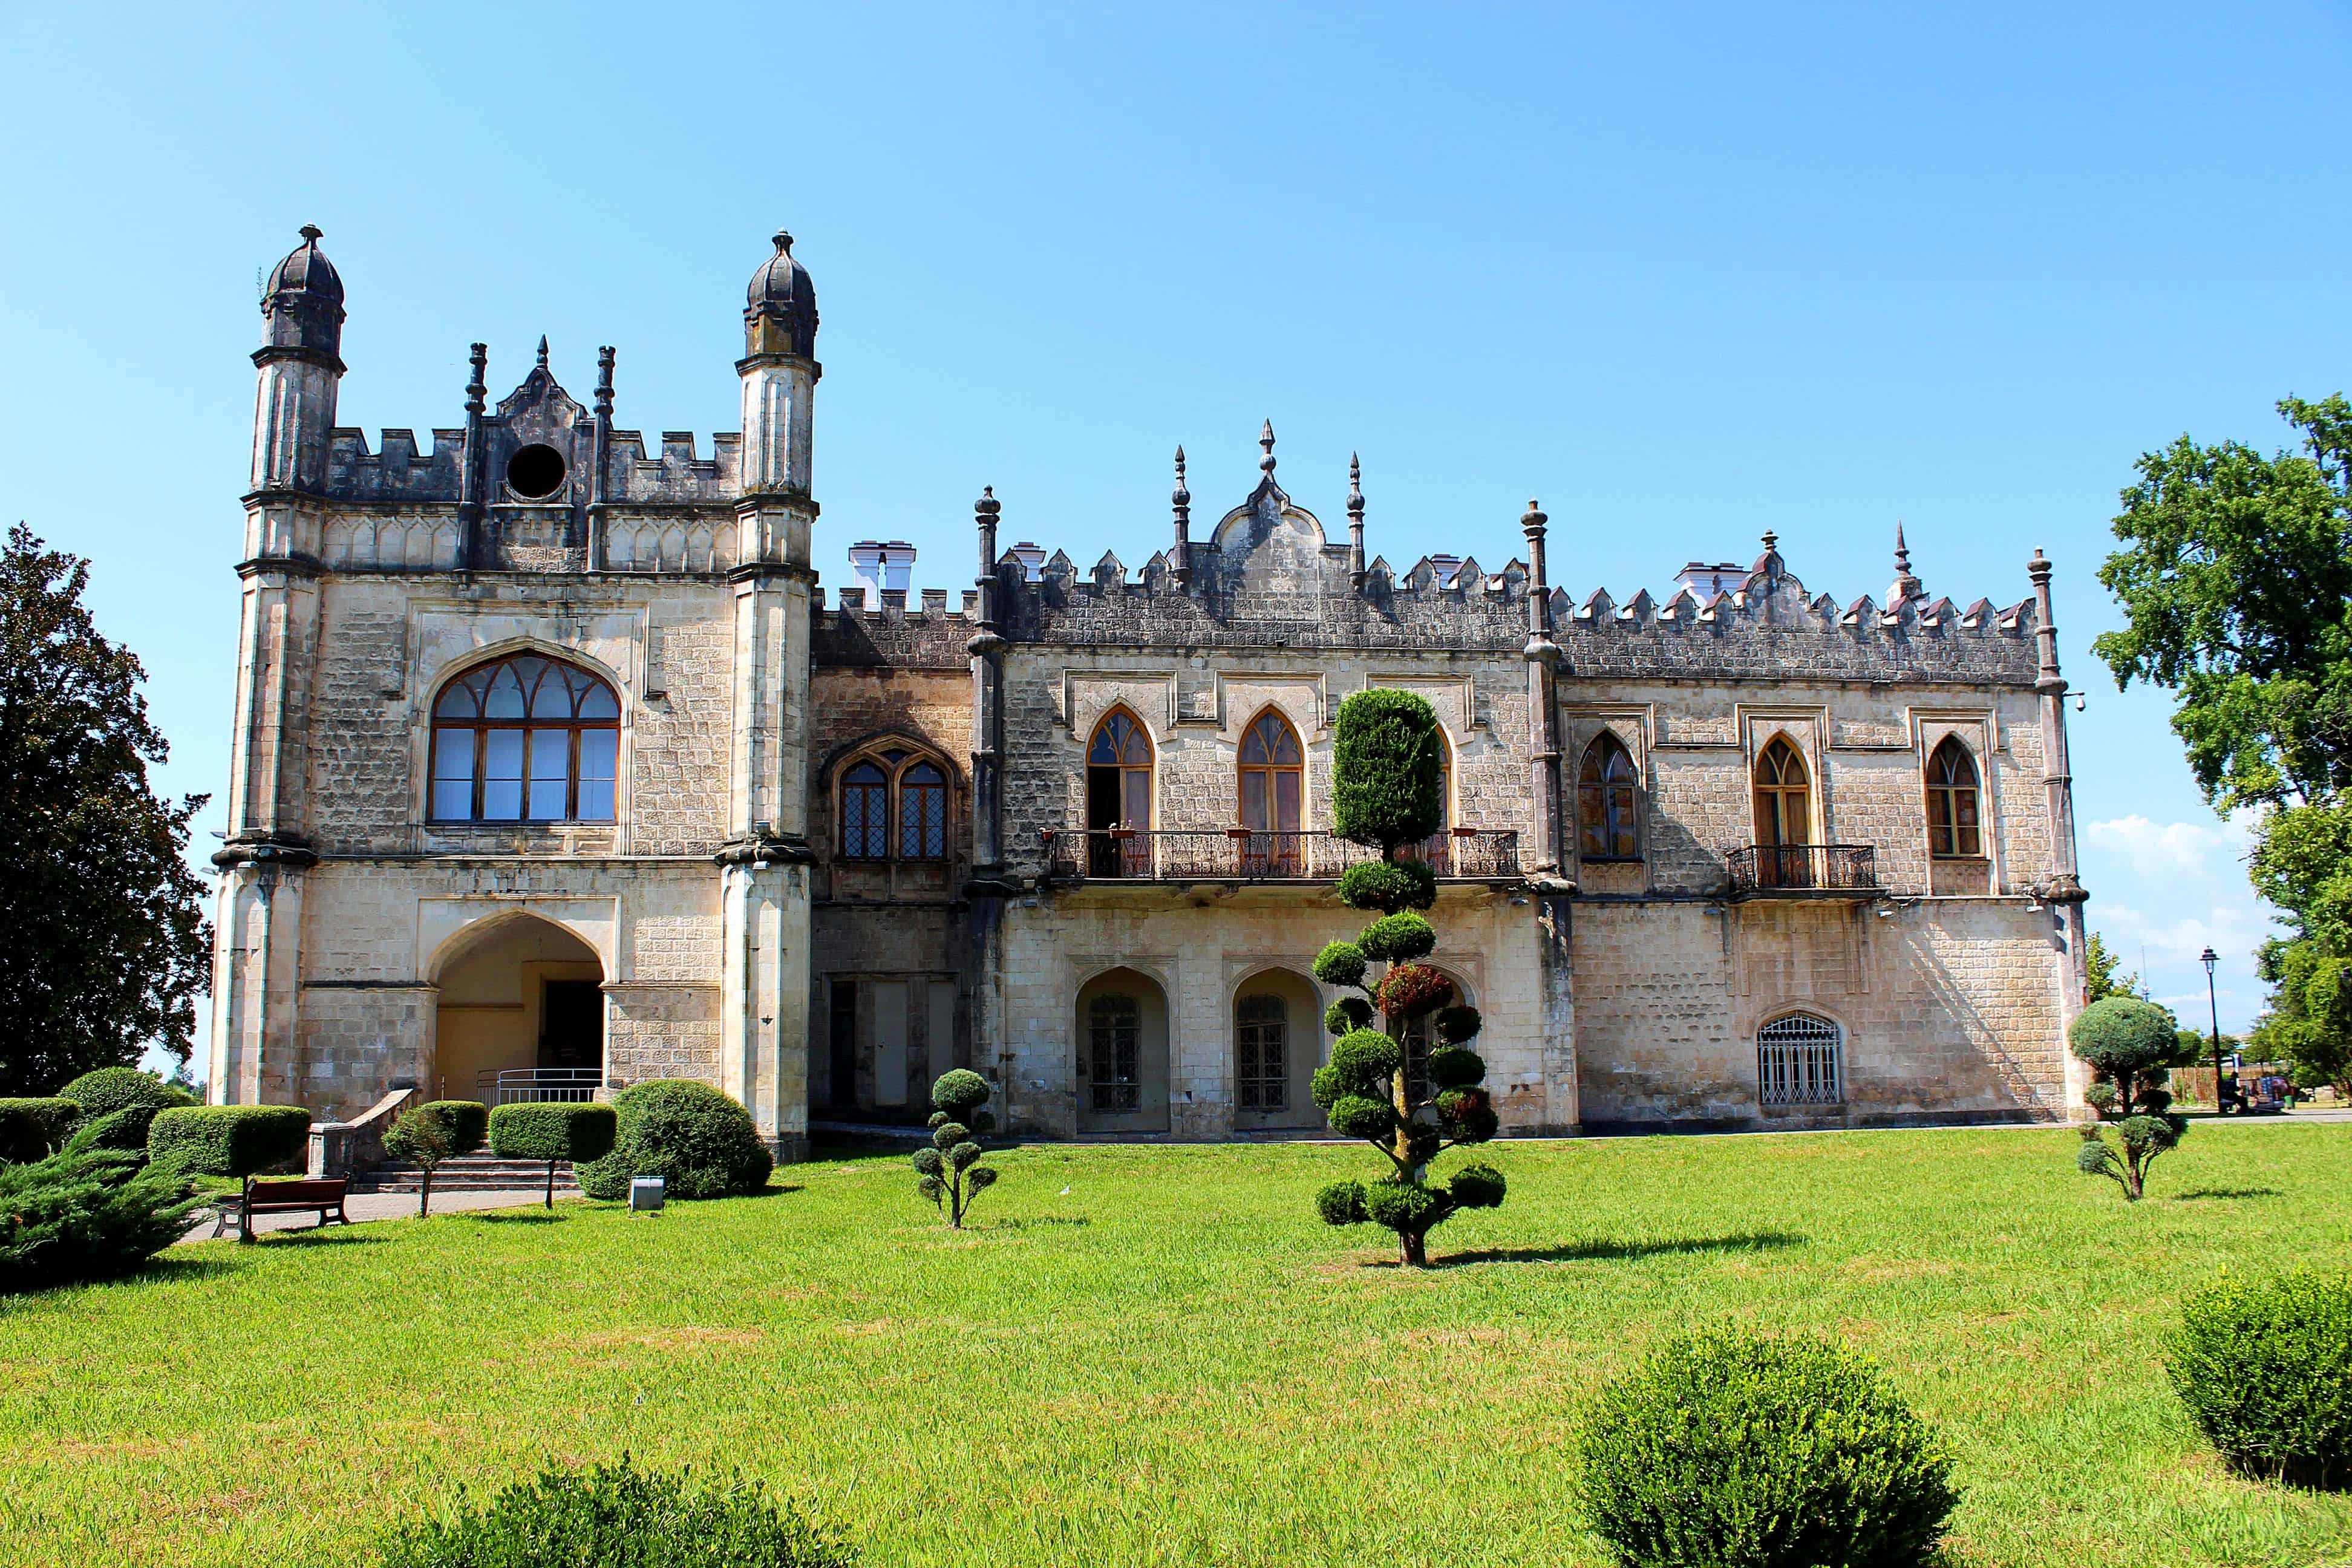 زيارة متحف قصور دادياني التاريخية والمعمارية في زوغديدي